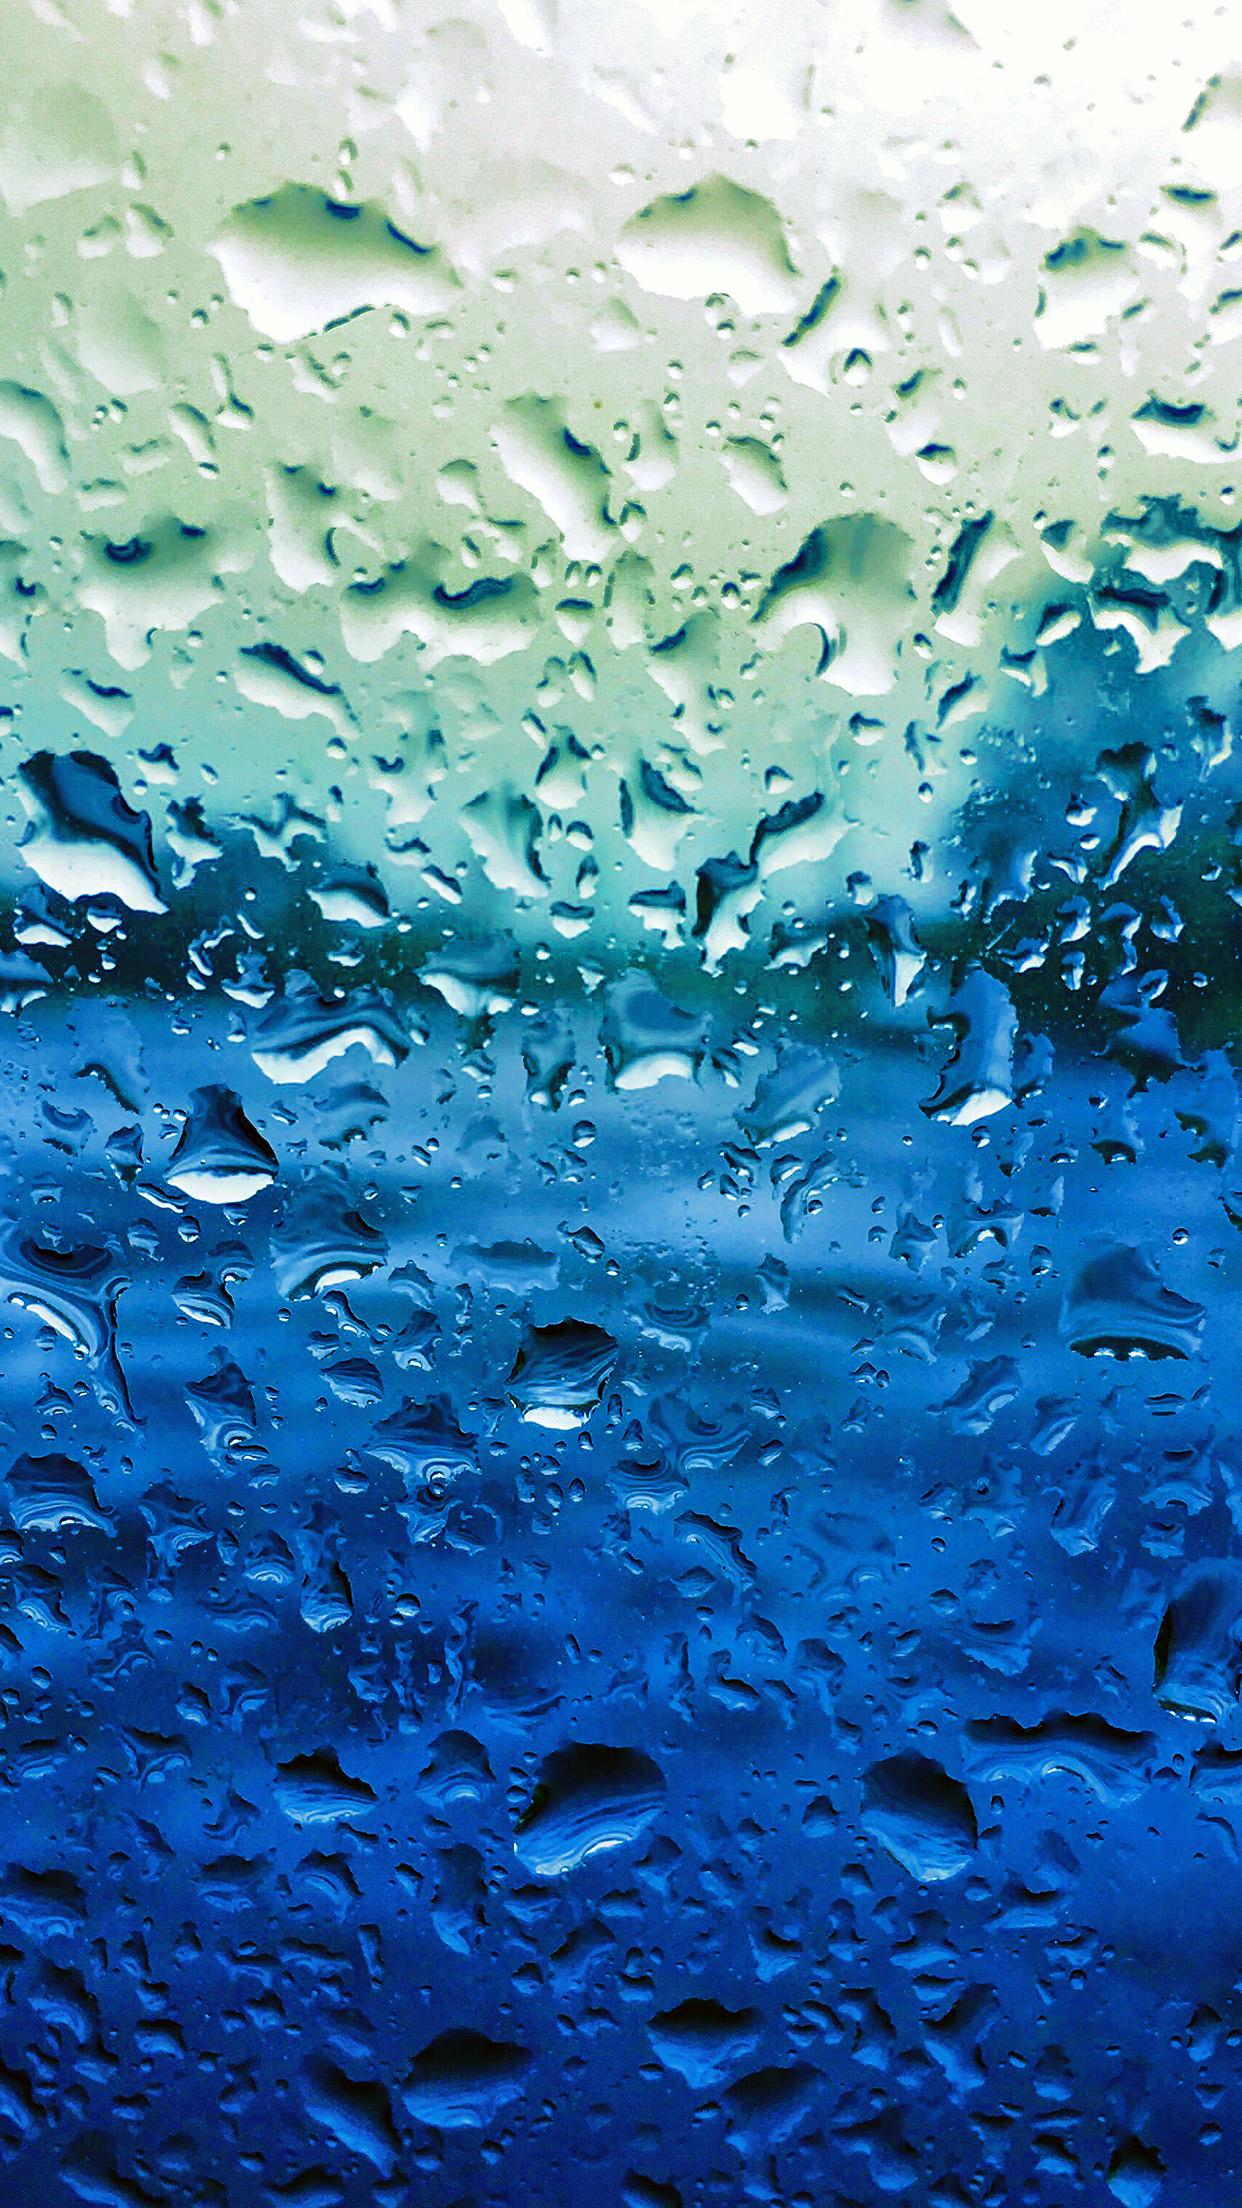 Vr69 Rain Drop Window Blue Sad Pattern Wallpaper